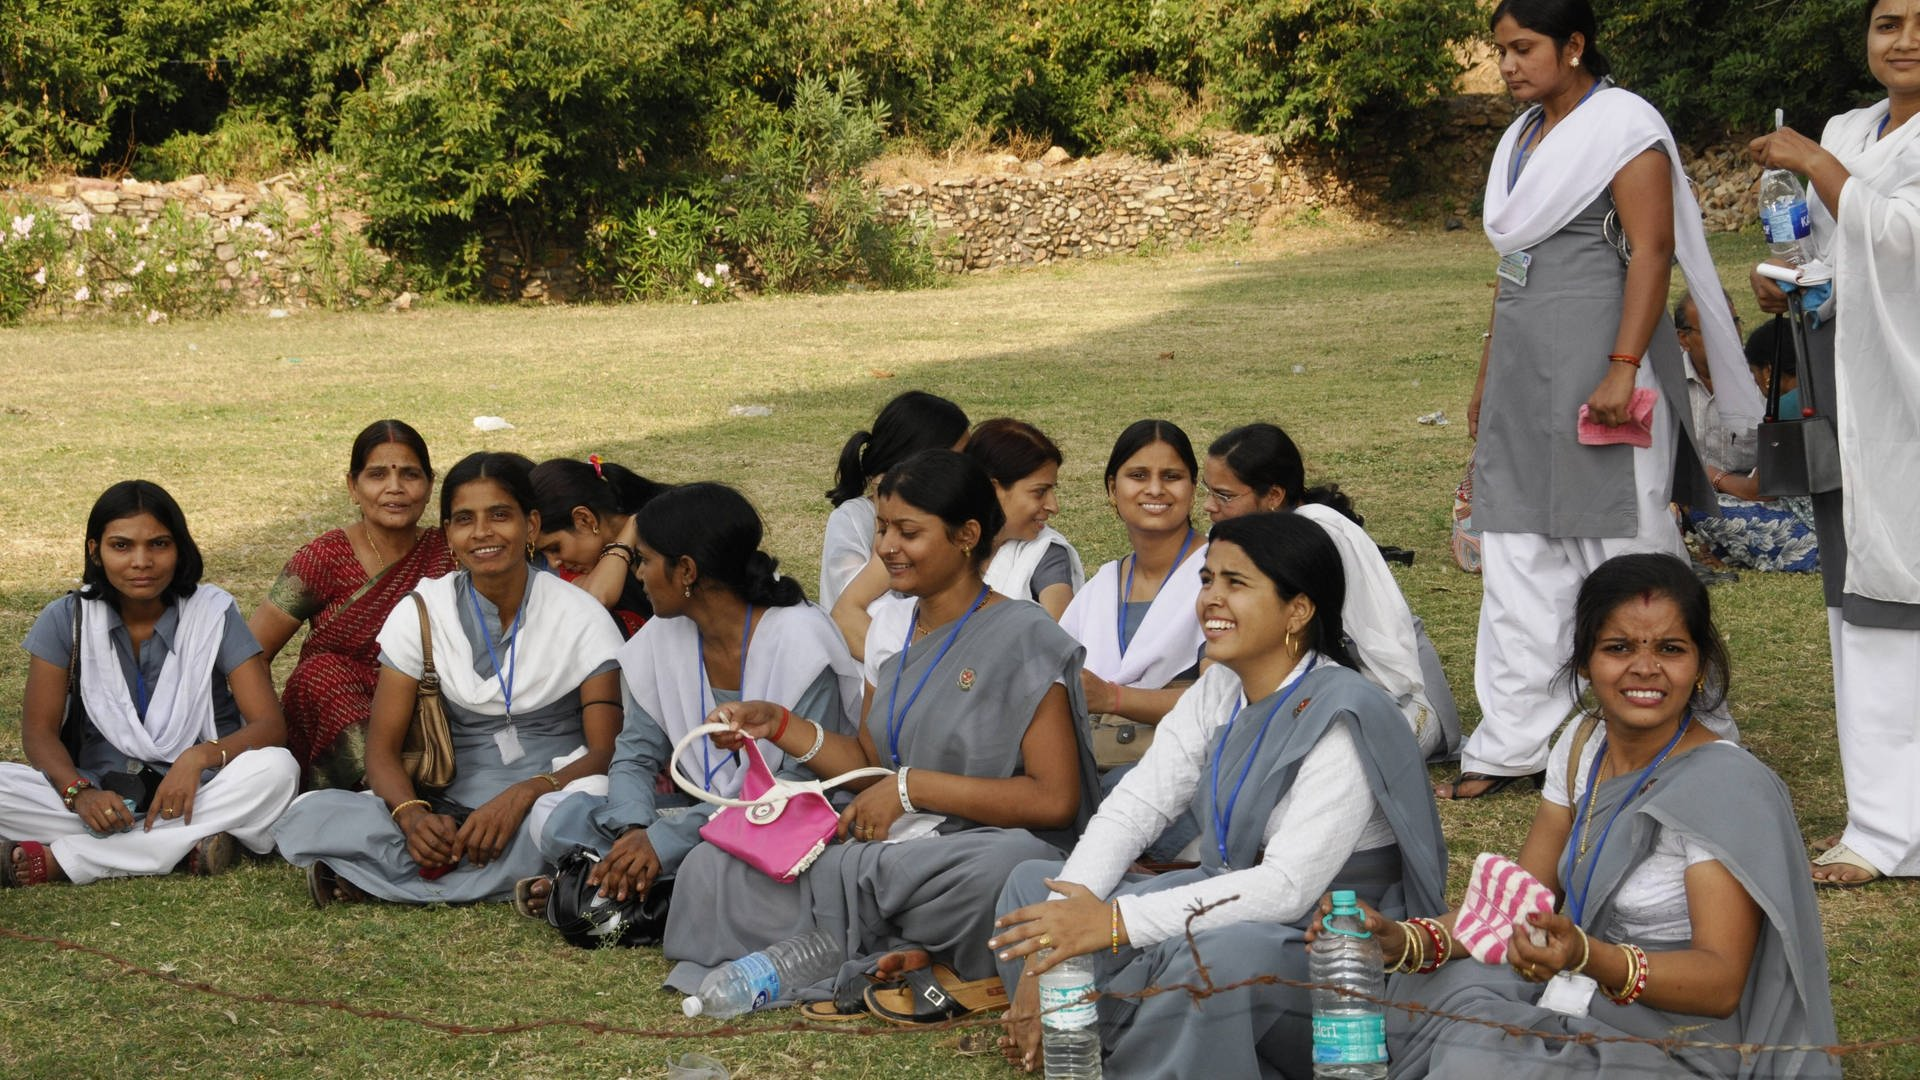 Frauen in Indien – Zwischen Aufbruch und Unterdrückung